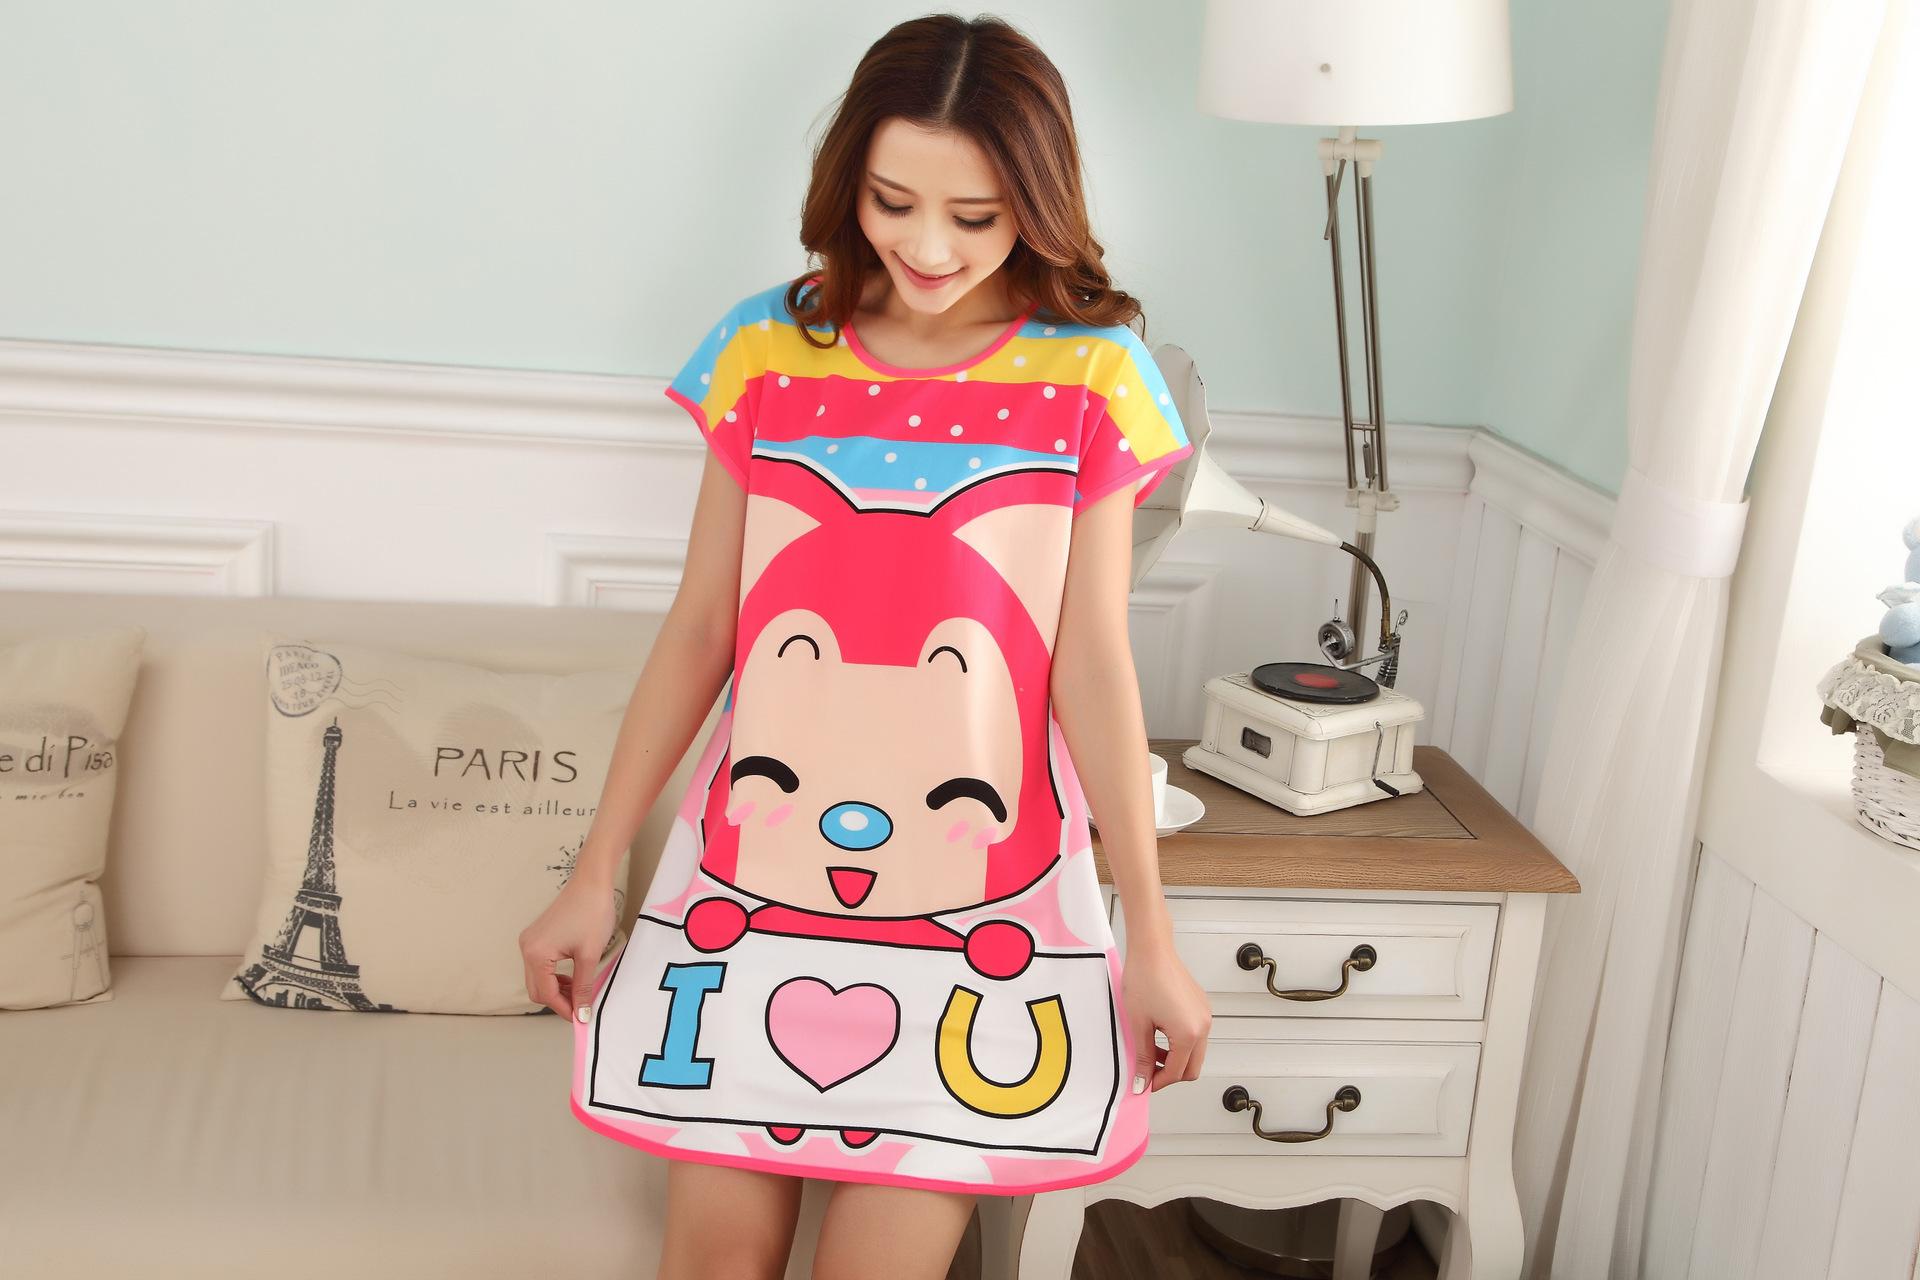 Как выбрать уютную и теплую женскую пижаму  Рекомендации по выбору и  проверенные интернет-магазины. e7bff0340f2a0